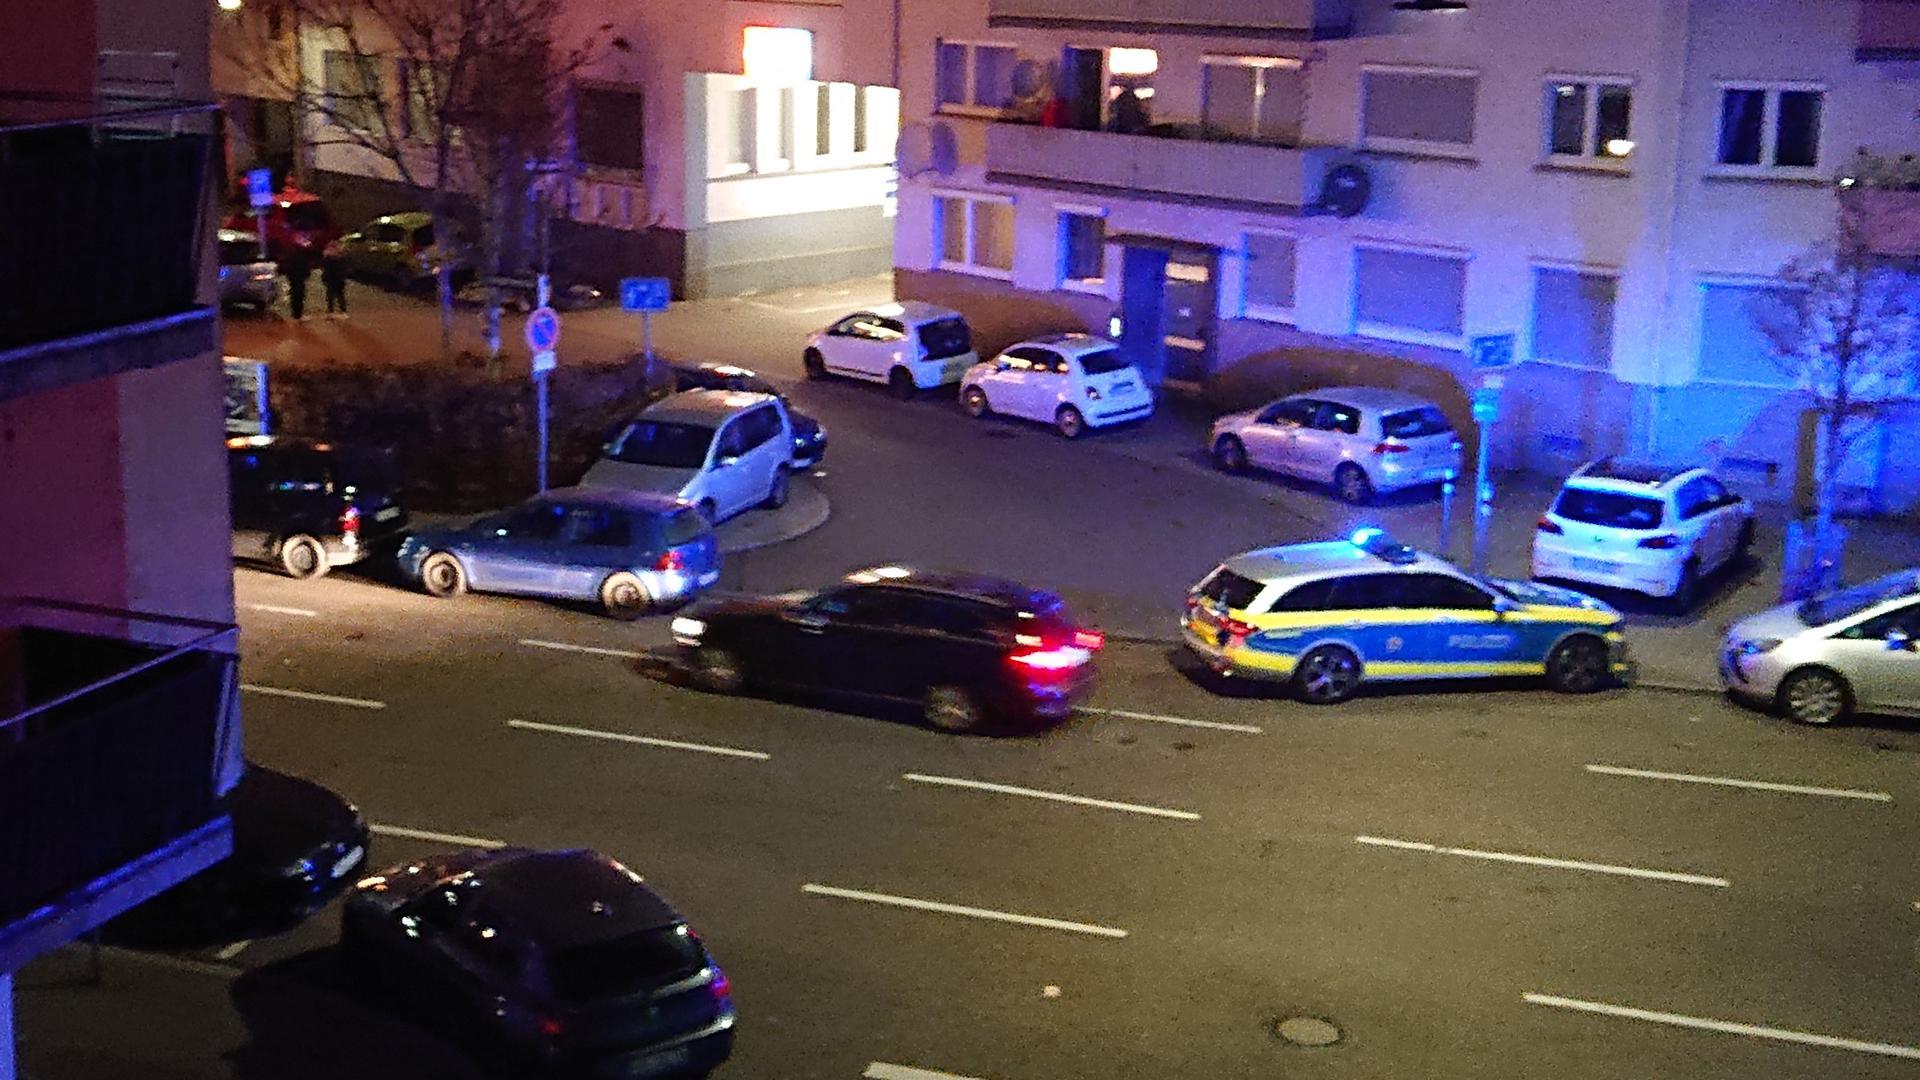 Einsatz in der Holzgartenstraße: Längst nicht nur hier in Pforzheim hatte die Polizei am Samstagabend zu tun. Ein Streifenwagen steht mit eingeschaltetem Blaulicht am Straßenrand.